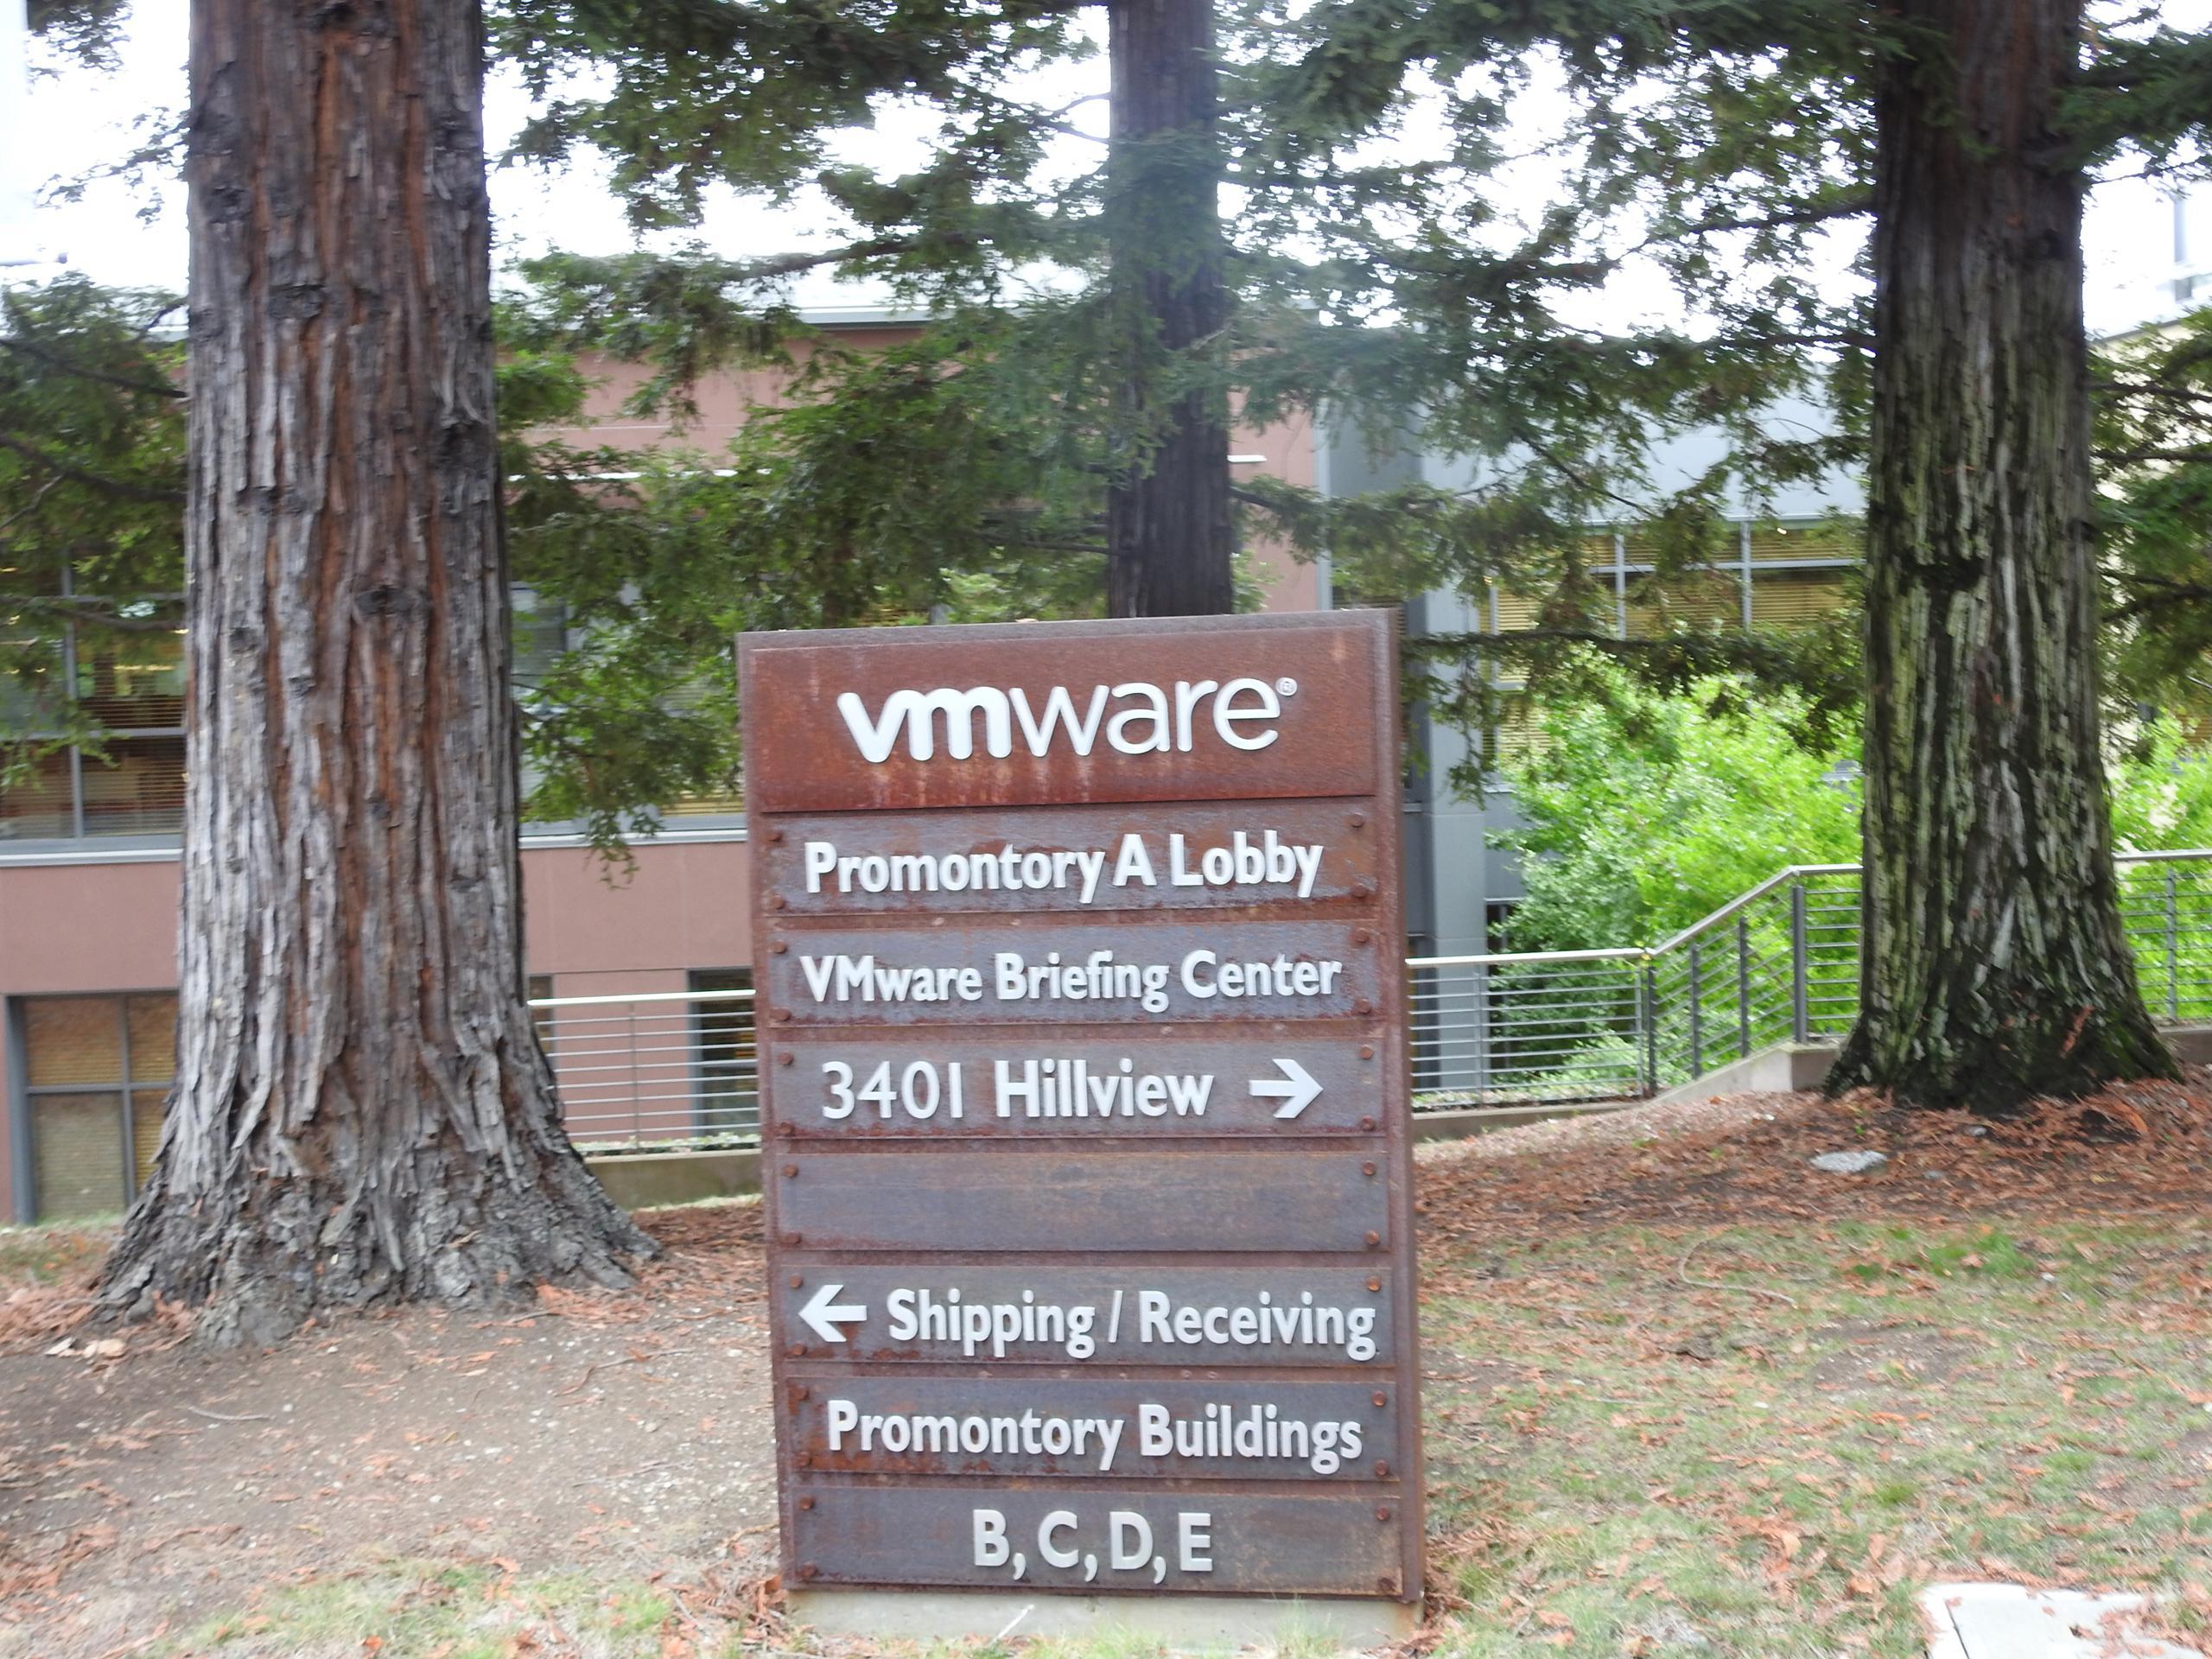 VMware's corporate headquarters in Palo Alto, California.